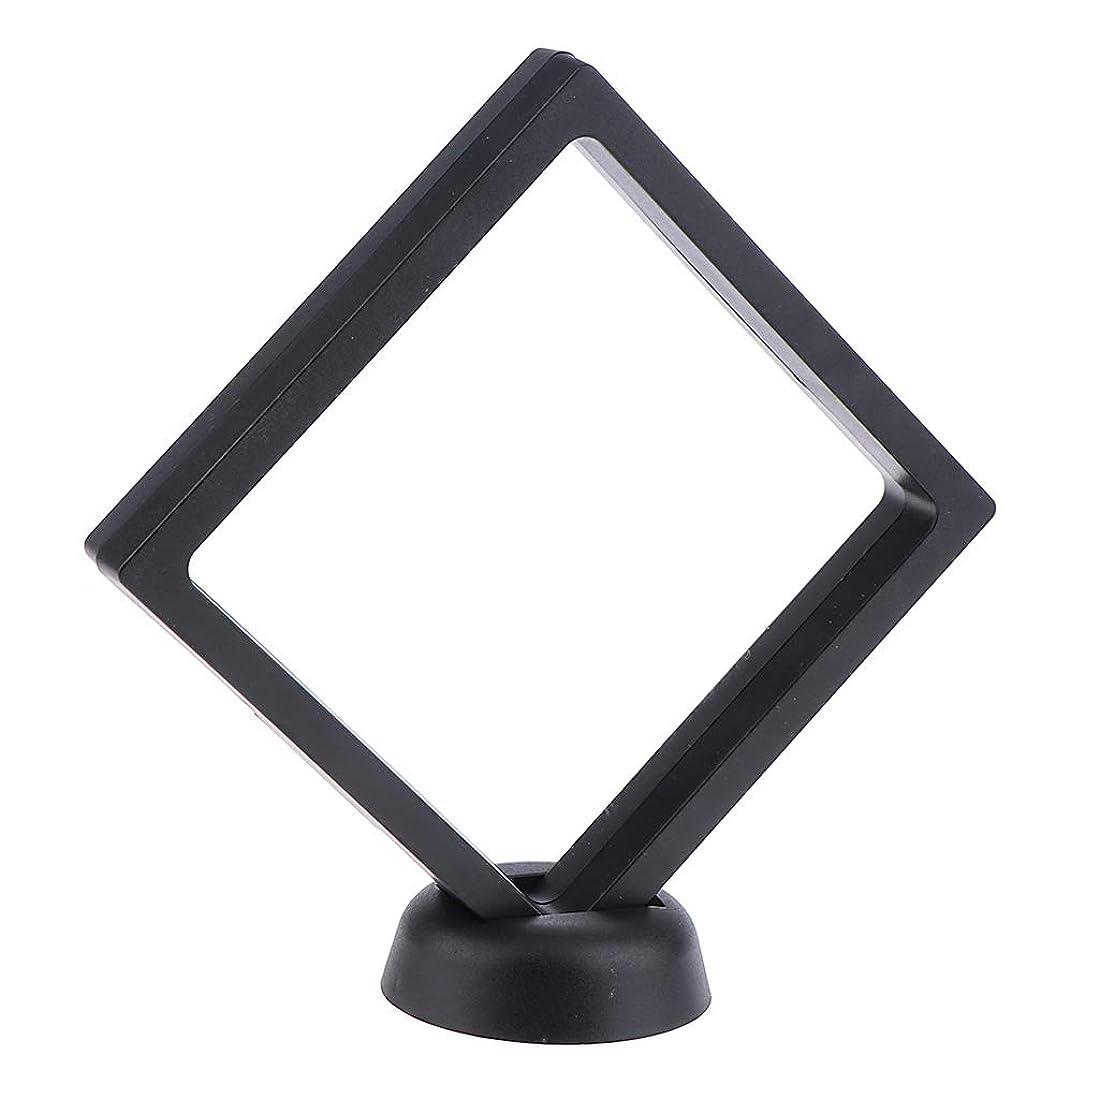 ショッキング治療怪しいB Baosity ネイルアート 展示用 ボード ネイルサロン ネイルヒント ディスプレイスタンド 2色選べ - ブラック